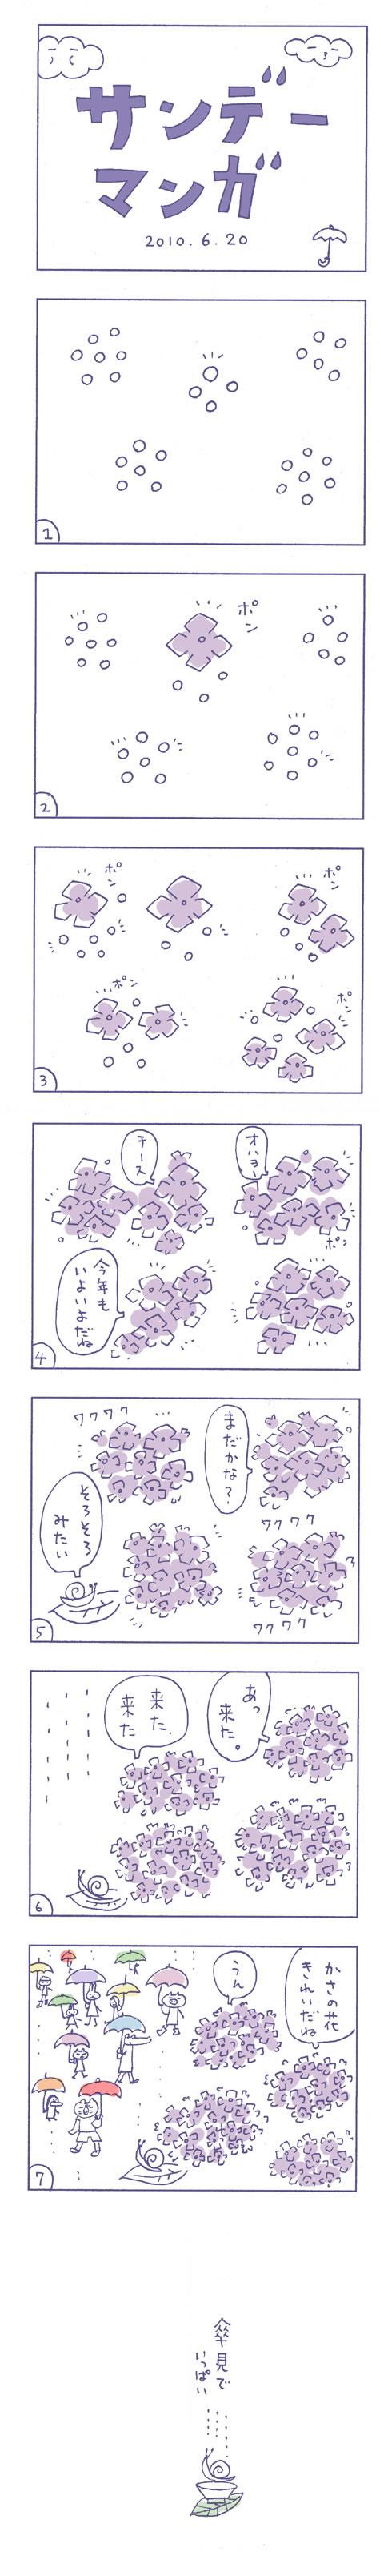 b0102193_19135079.jpg